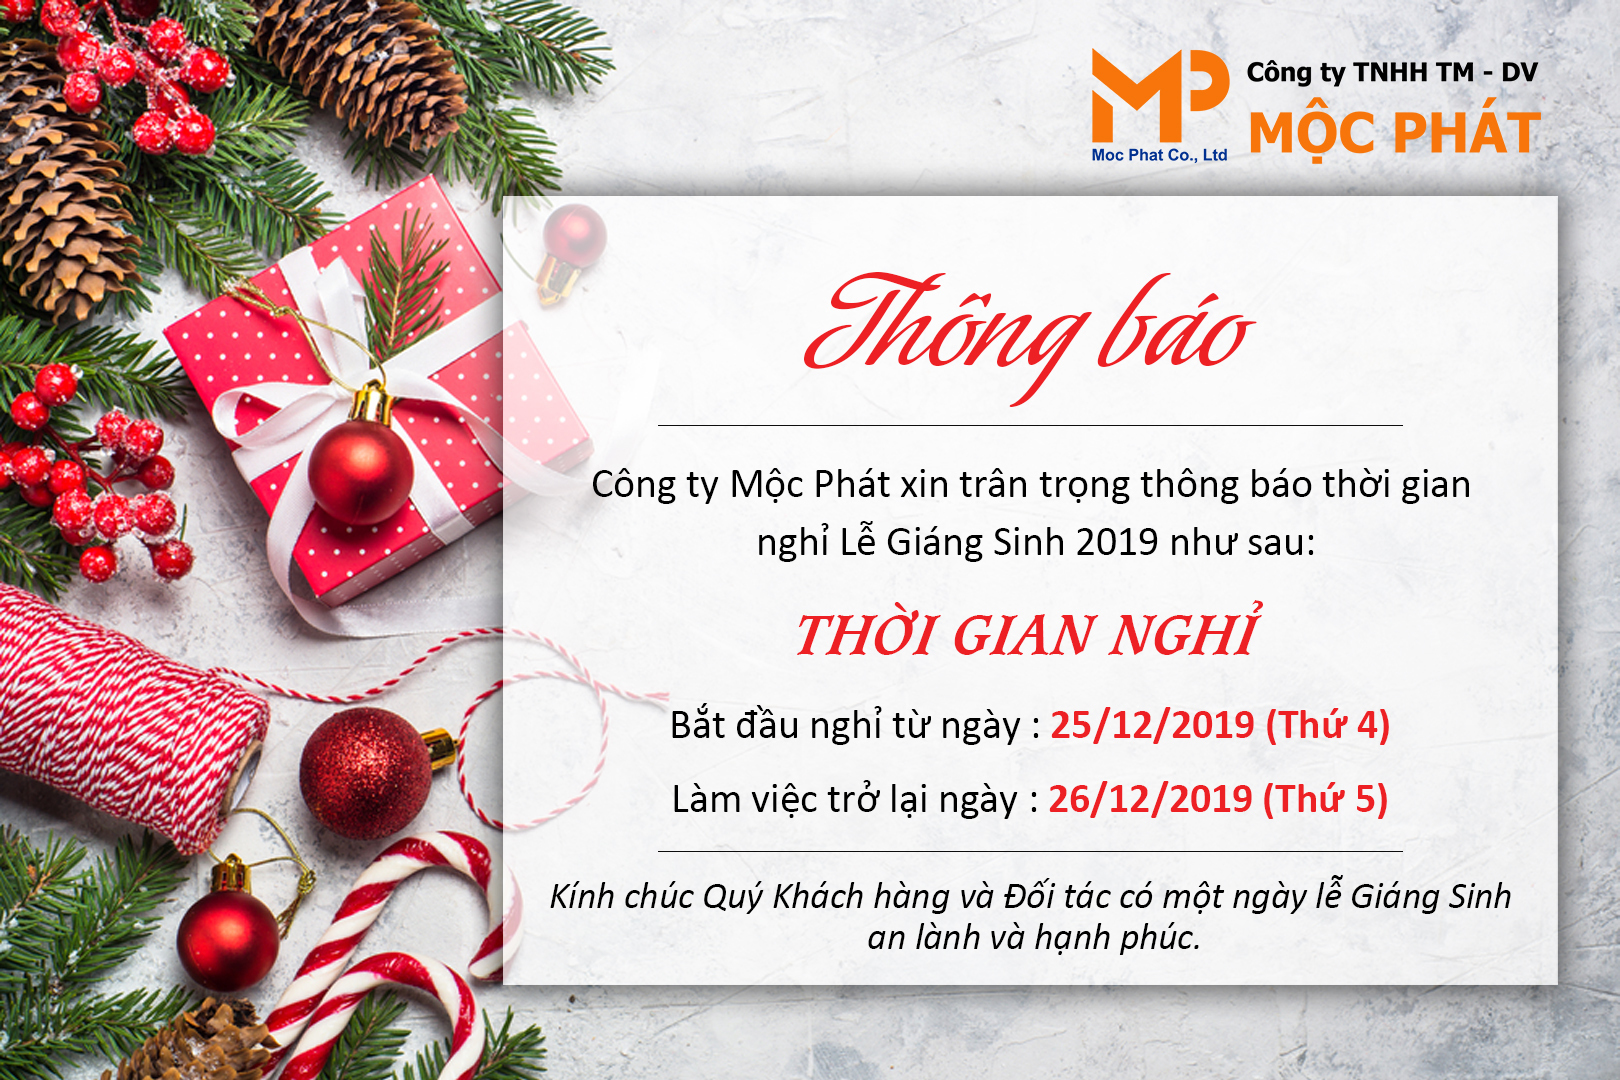 Thông báo nghỉ Lễ Giáng Sinh 2019